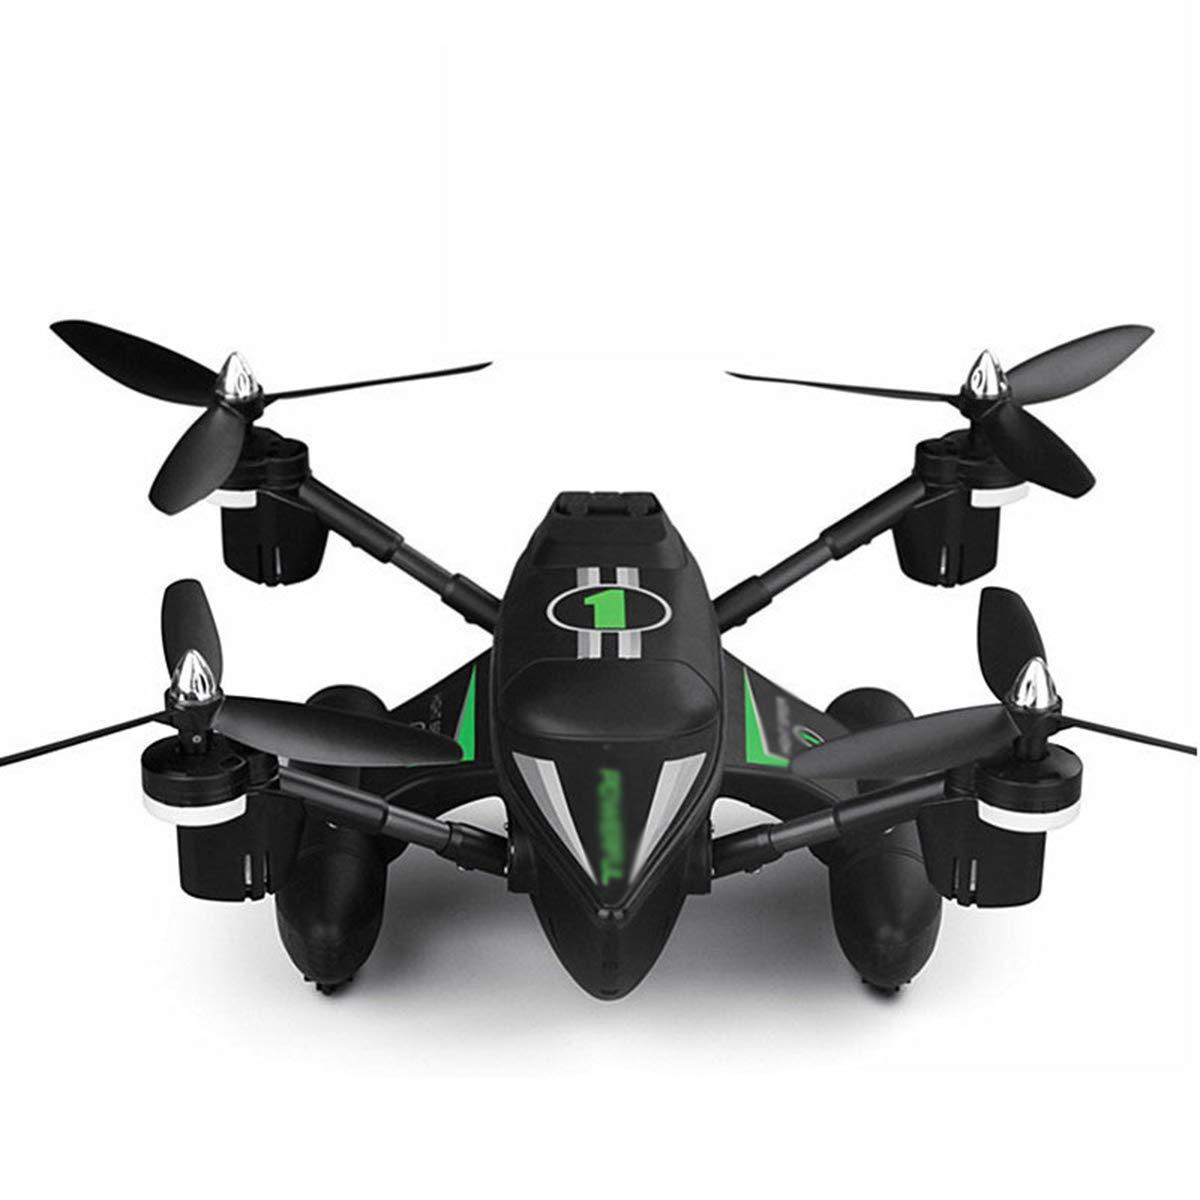 GTYW, 2.4G Drone Anfibio a Vela, Modello di Aeroplano RC, quadrupolo Marino, terrestre e Aereo, offrendo Regali Diverdeenti per i Bambini,verde- 36.5  36.5  12cm